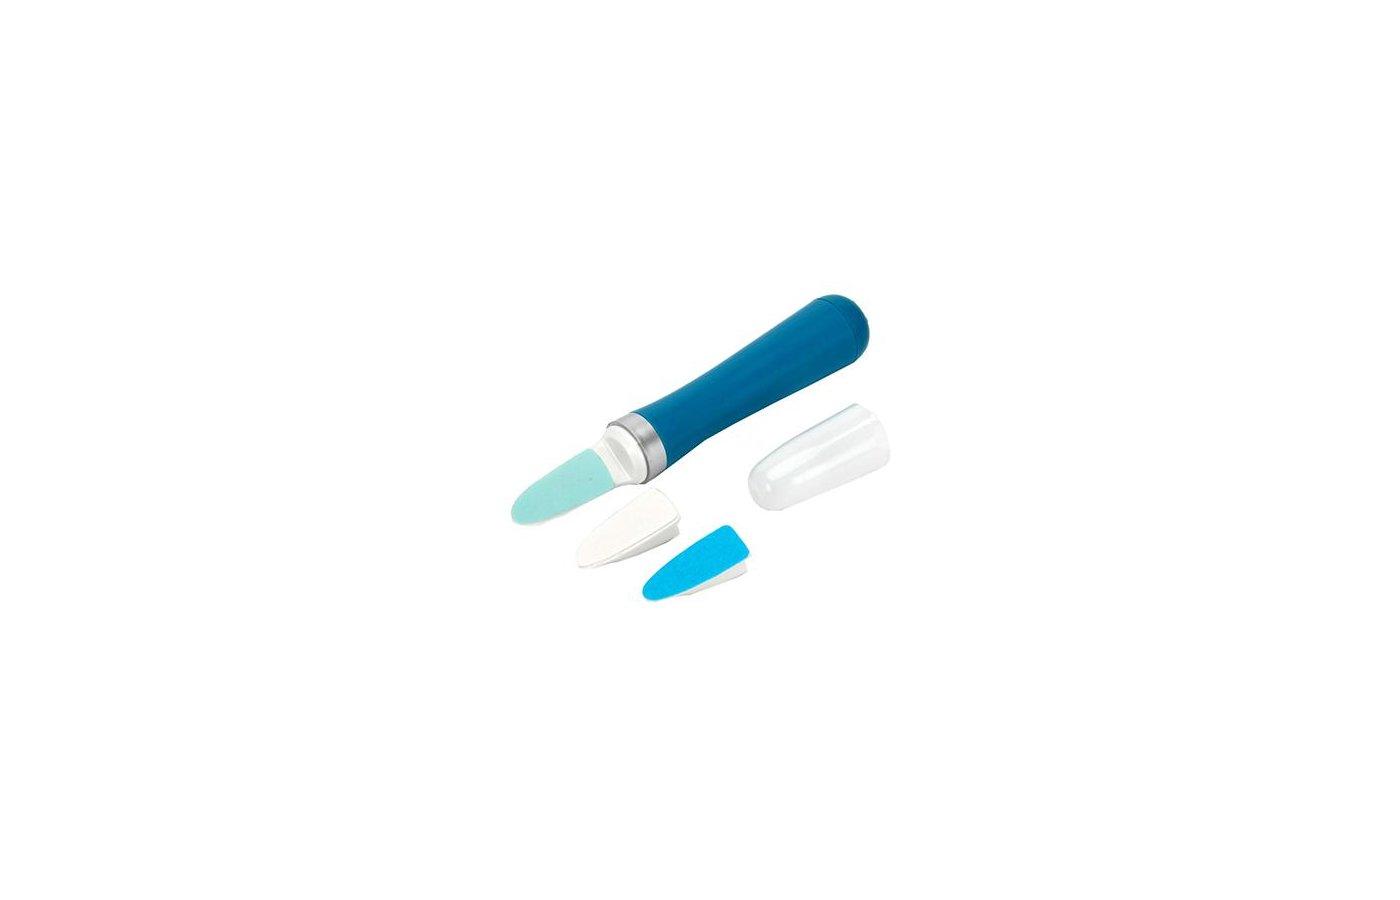 Уход за ногами LEBEN 489-051 Электрическая пилка для ногтей